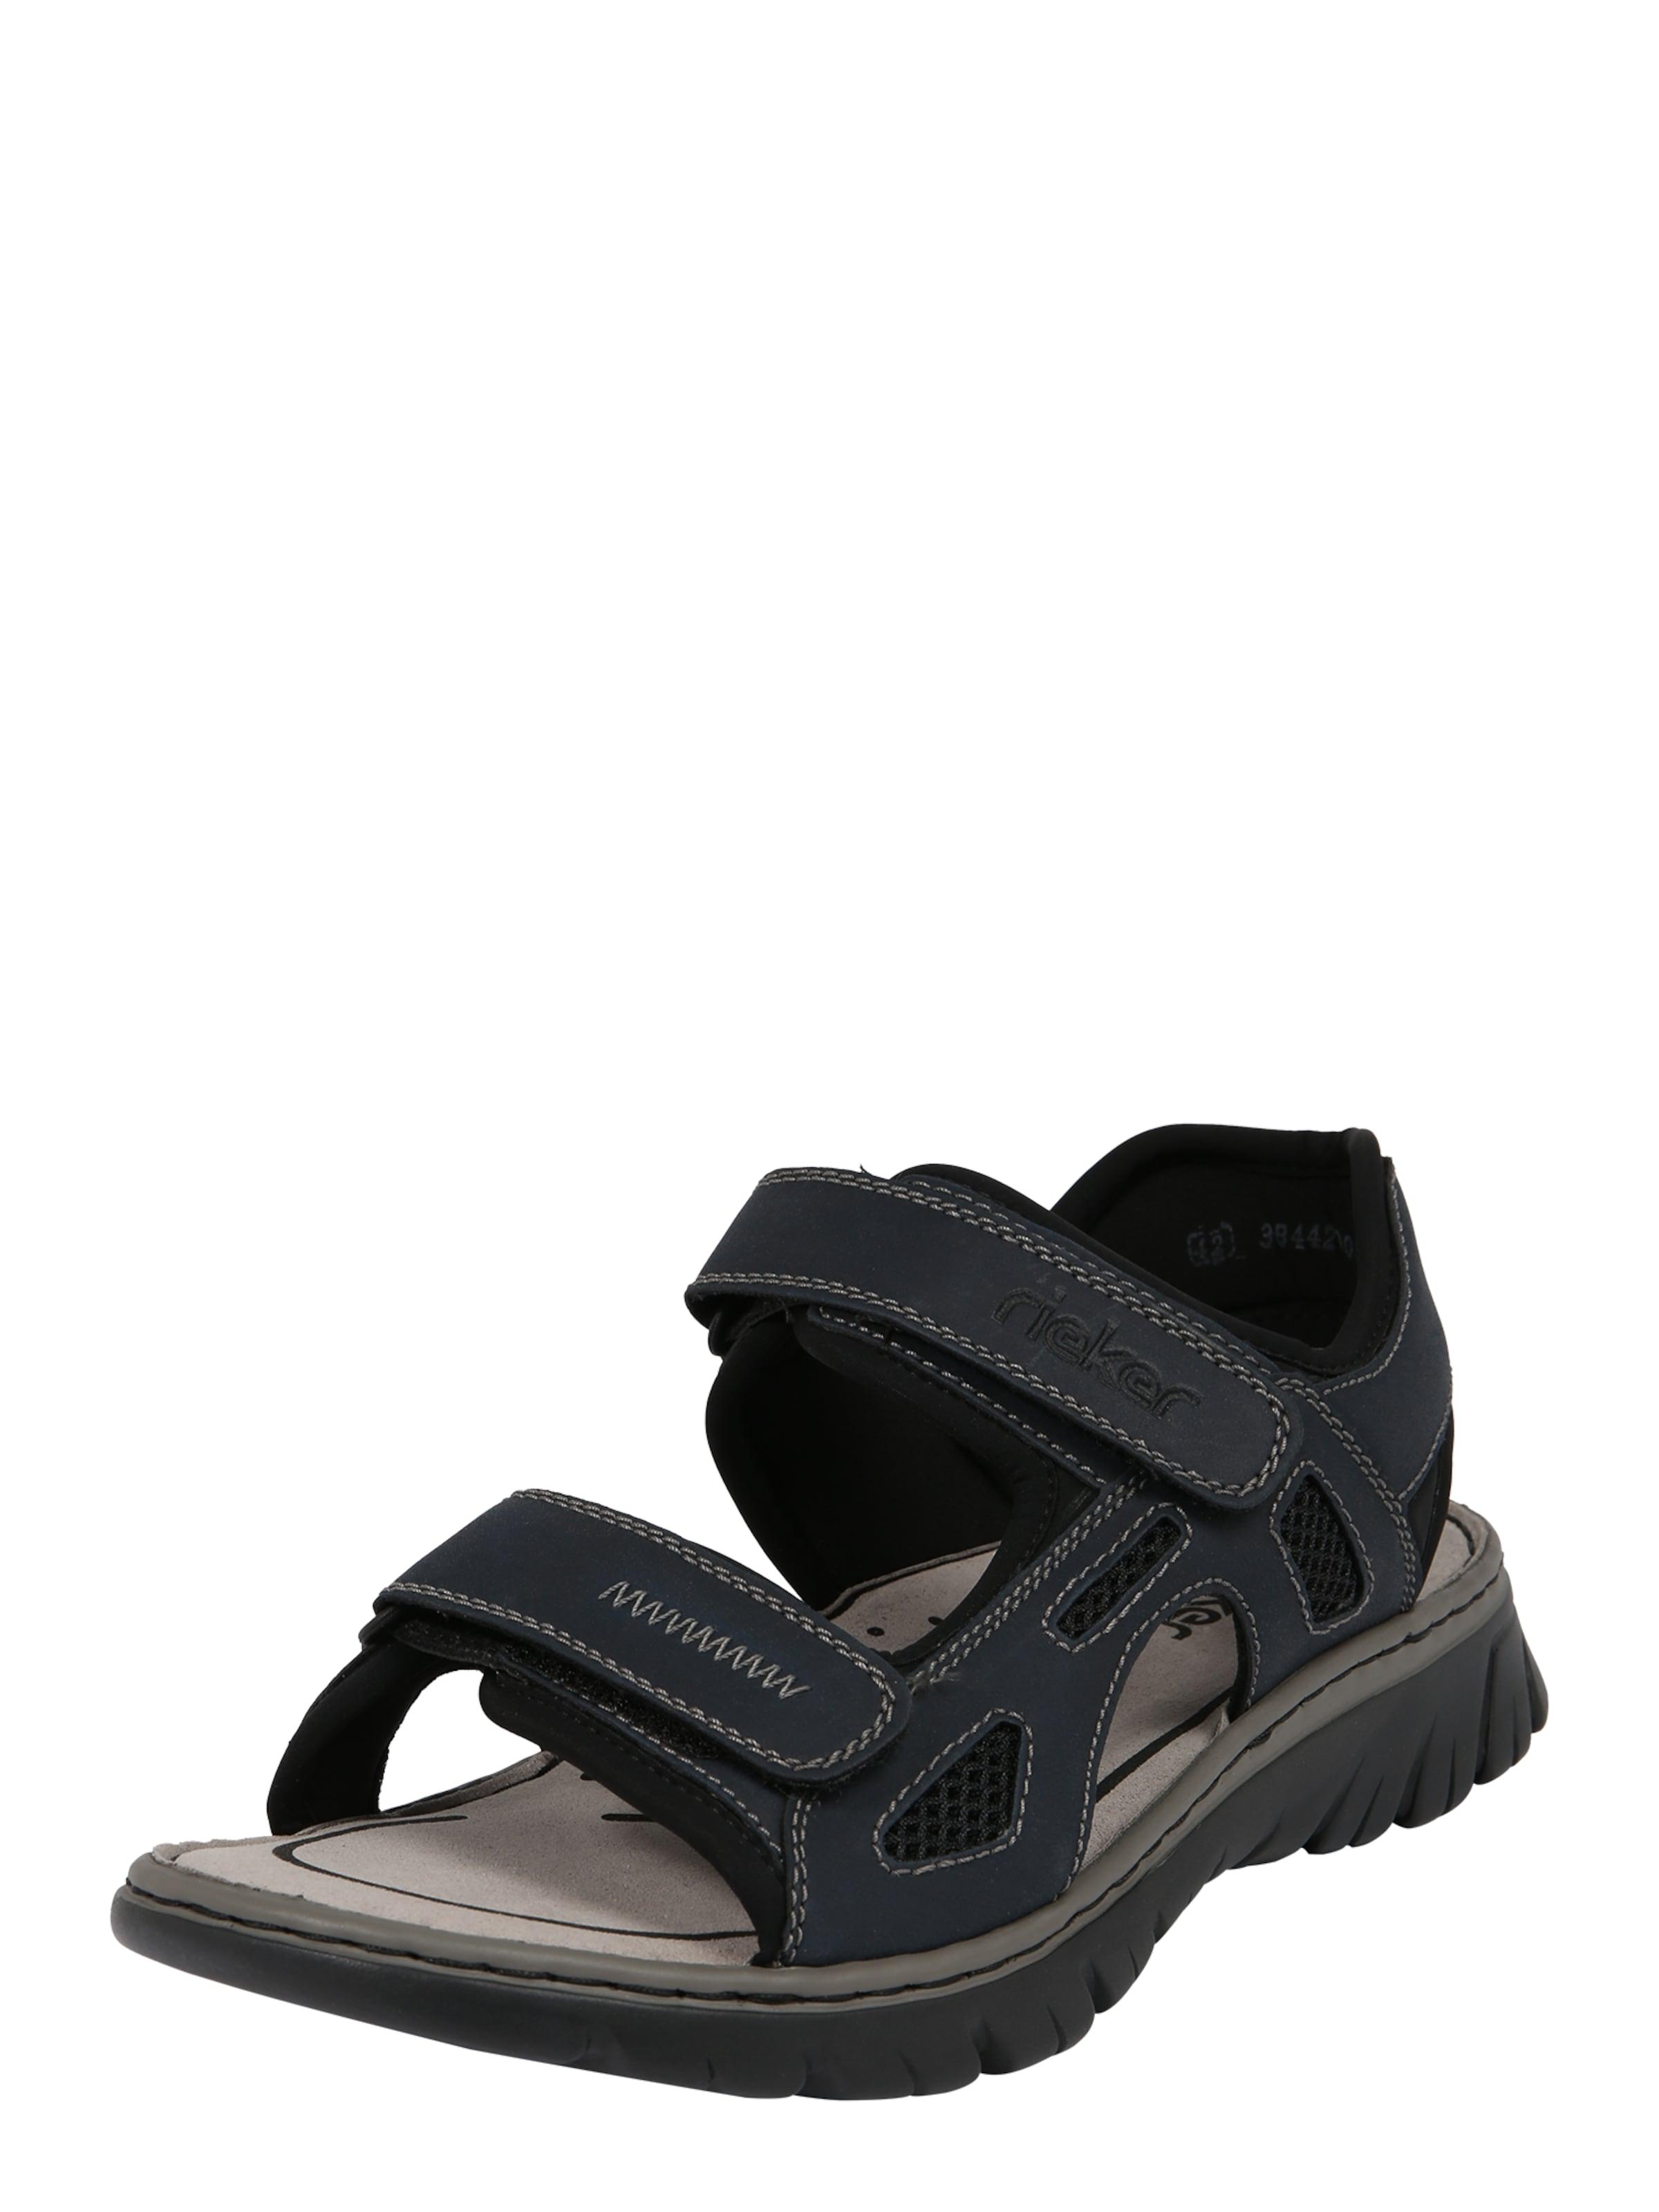 '26761 Rieker Sandale In 14' NavySchwarz ikTwPOXlZu